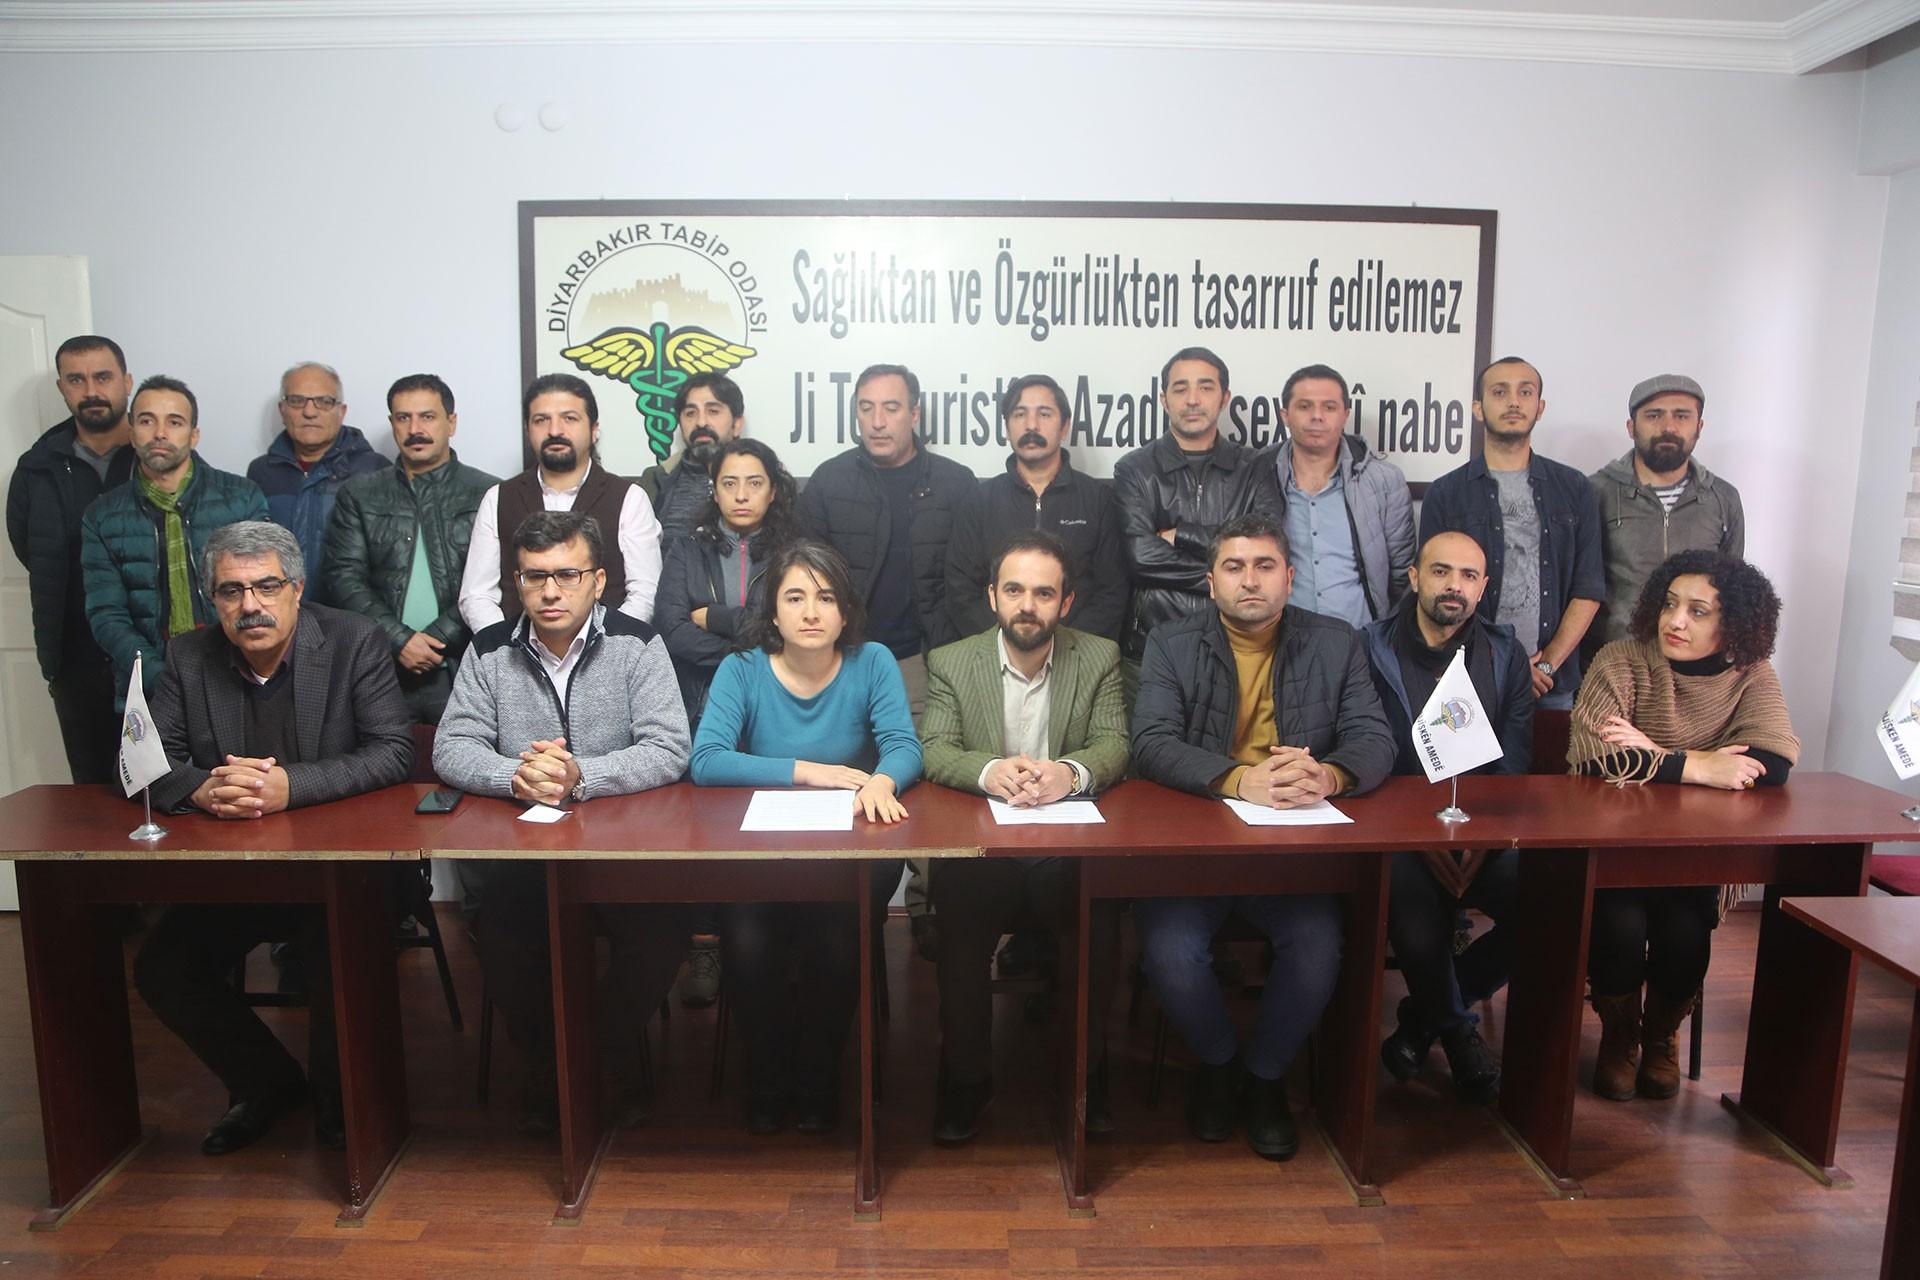 Diyarbakır Emek Demokrasi Platformu üyeleri